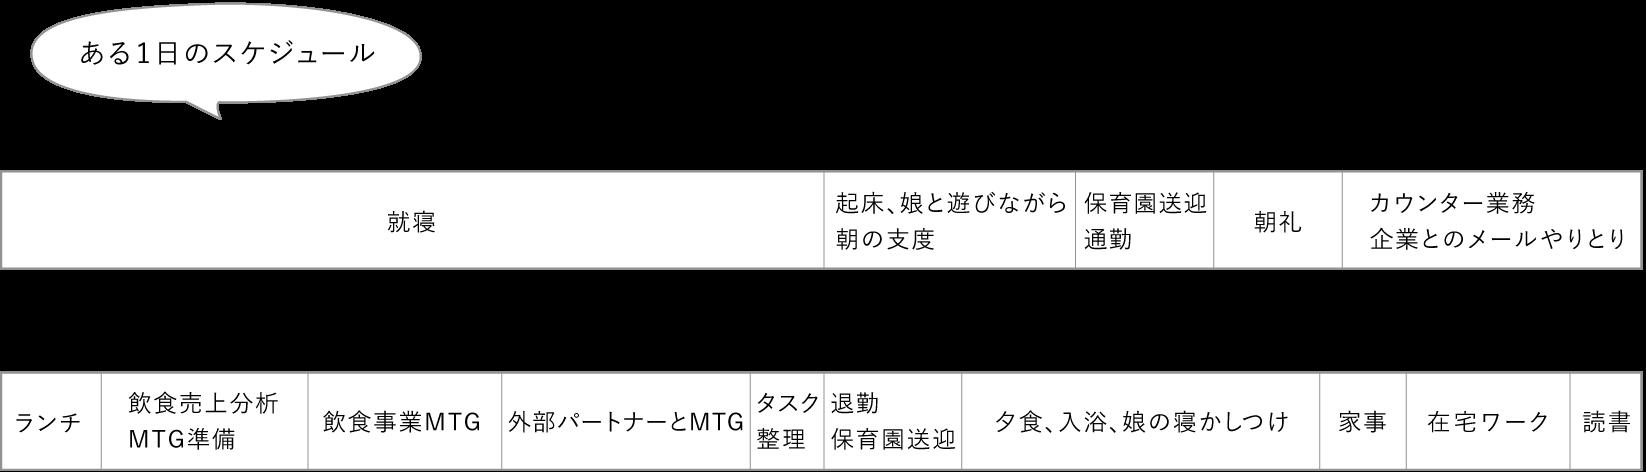 schedule02_sakaki